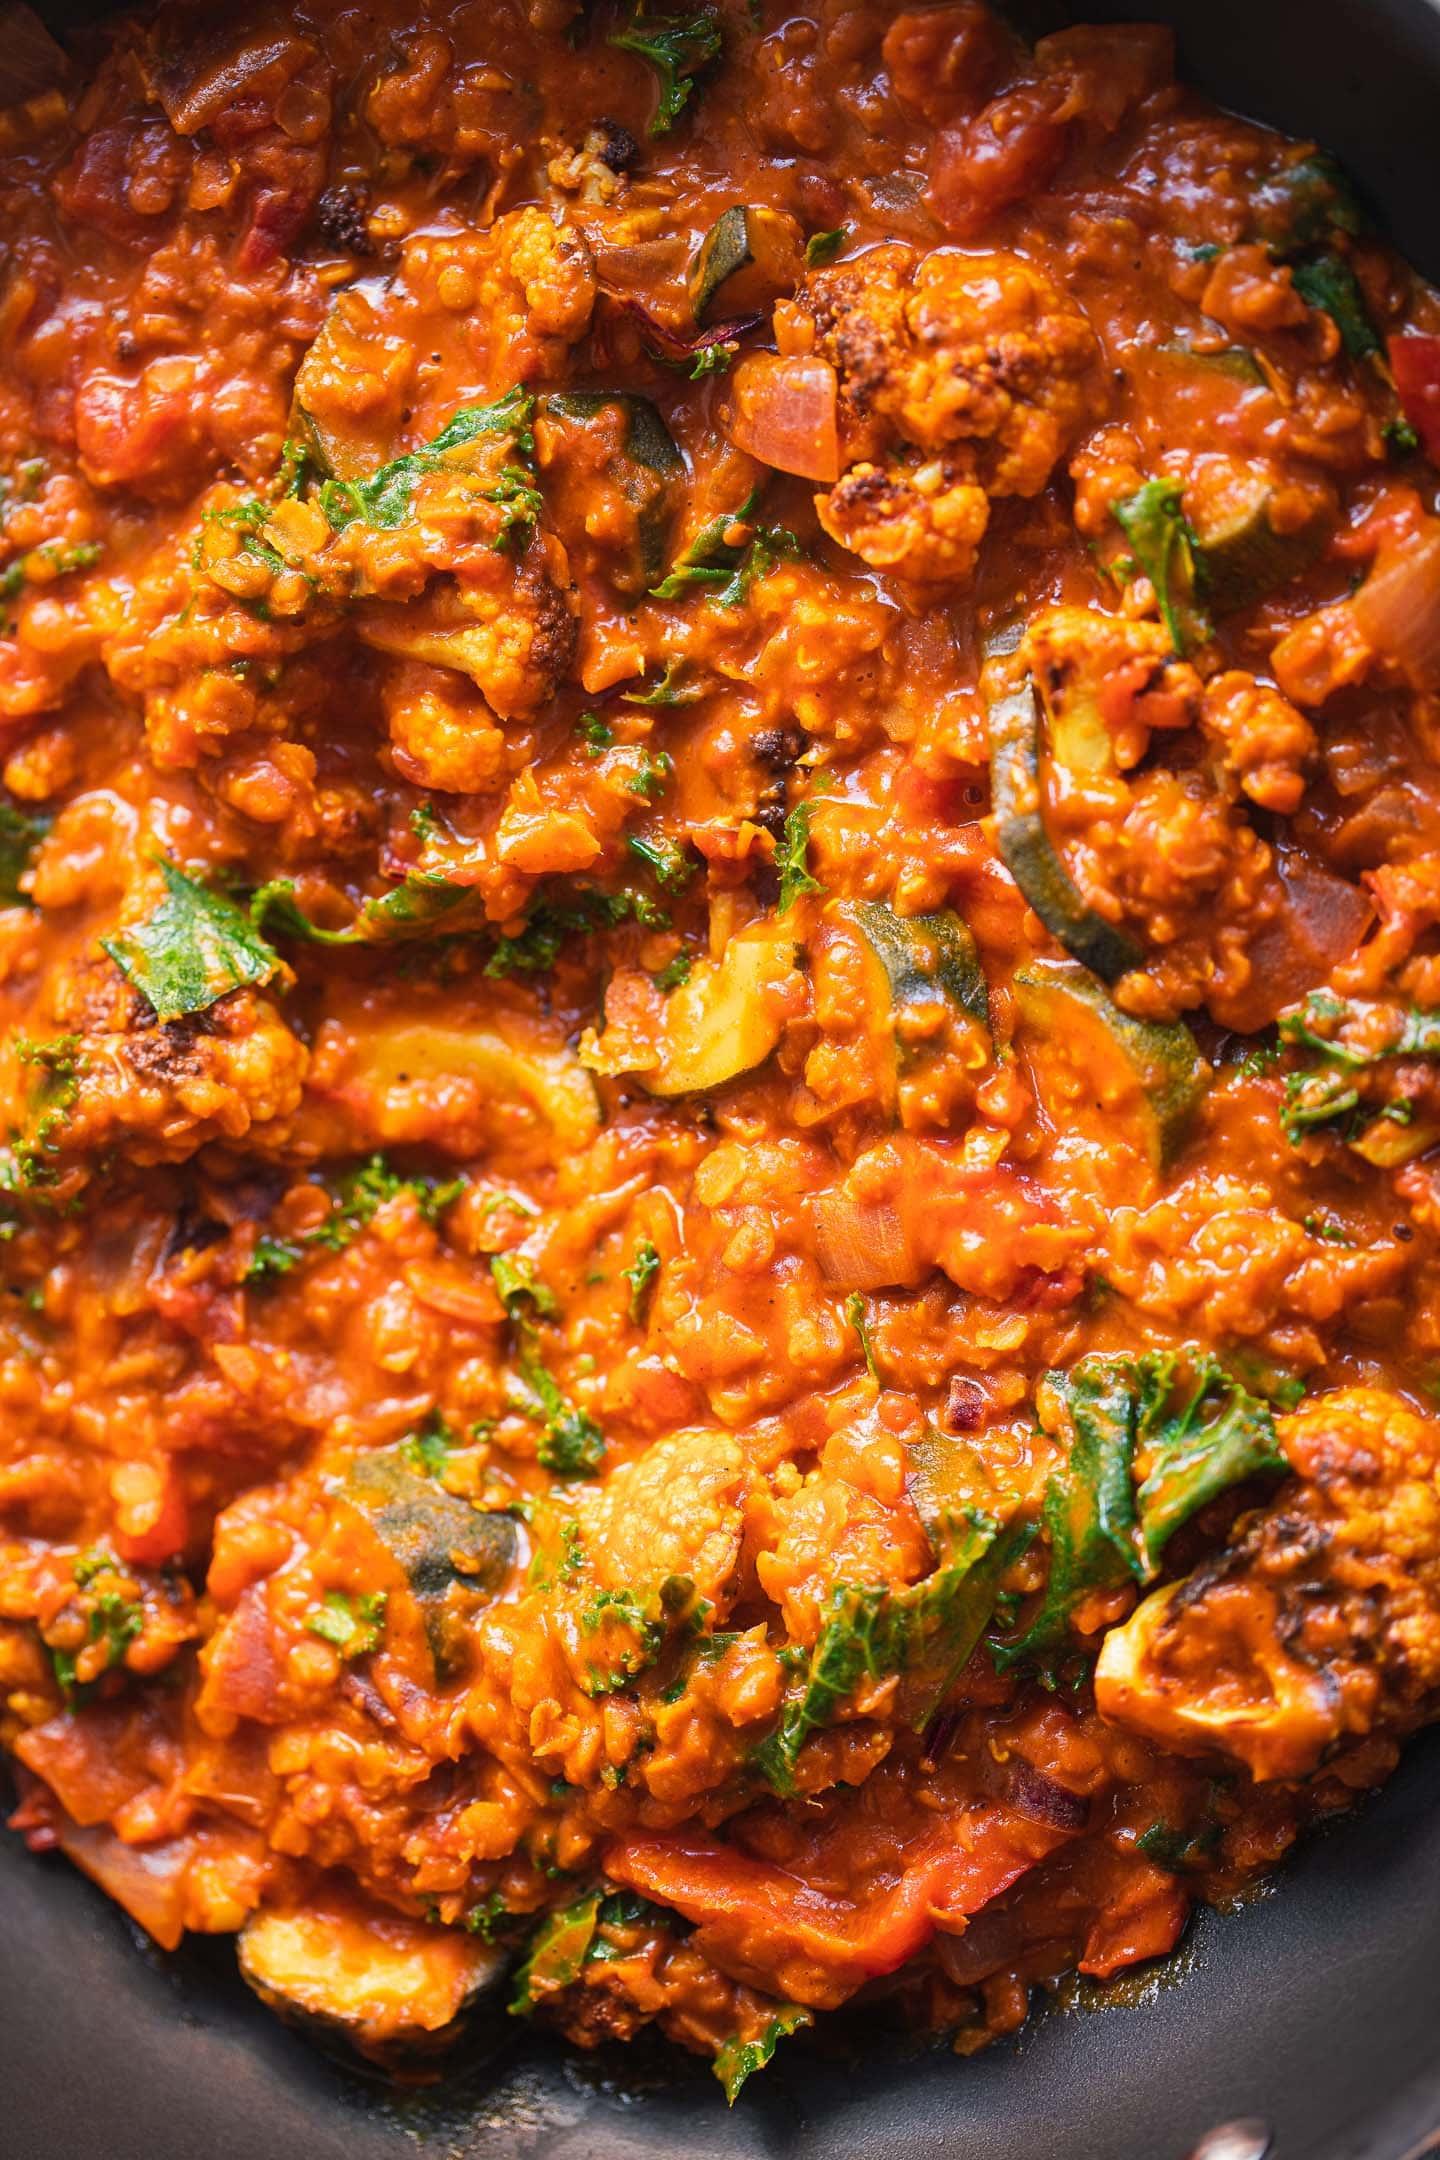 Cauliflower Dahl in a pan